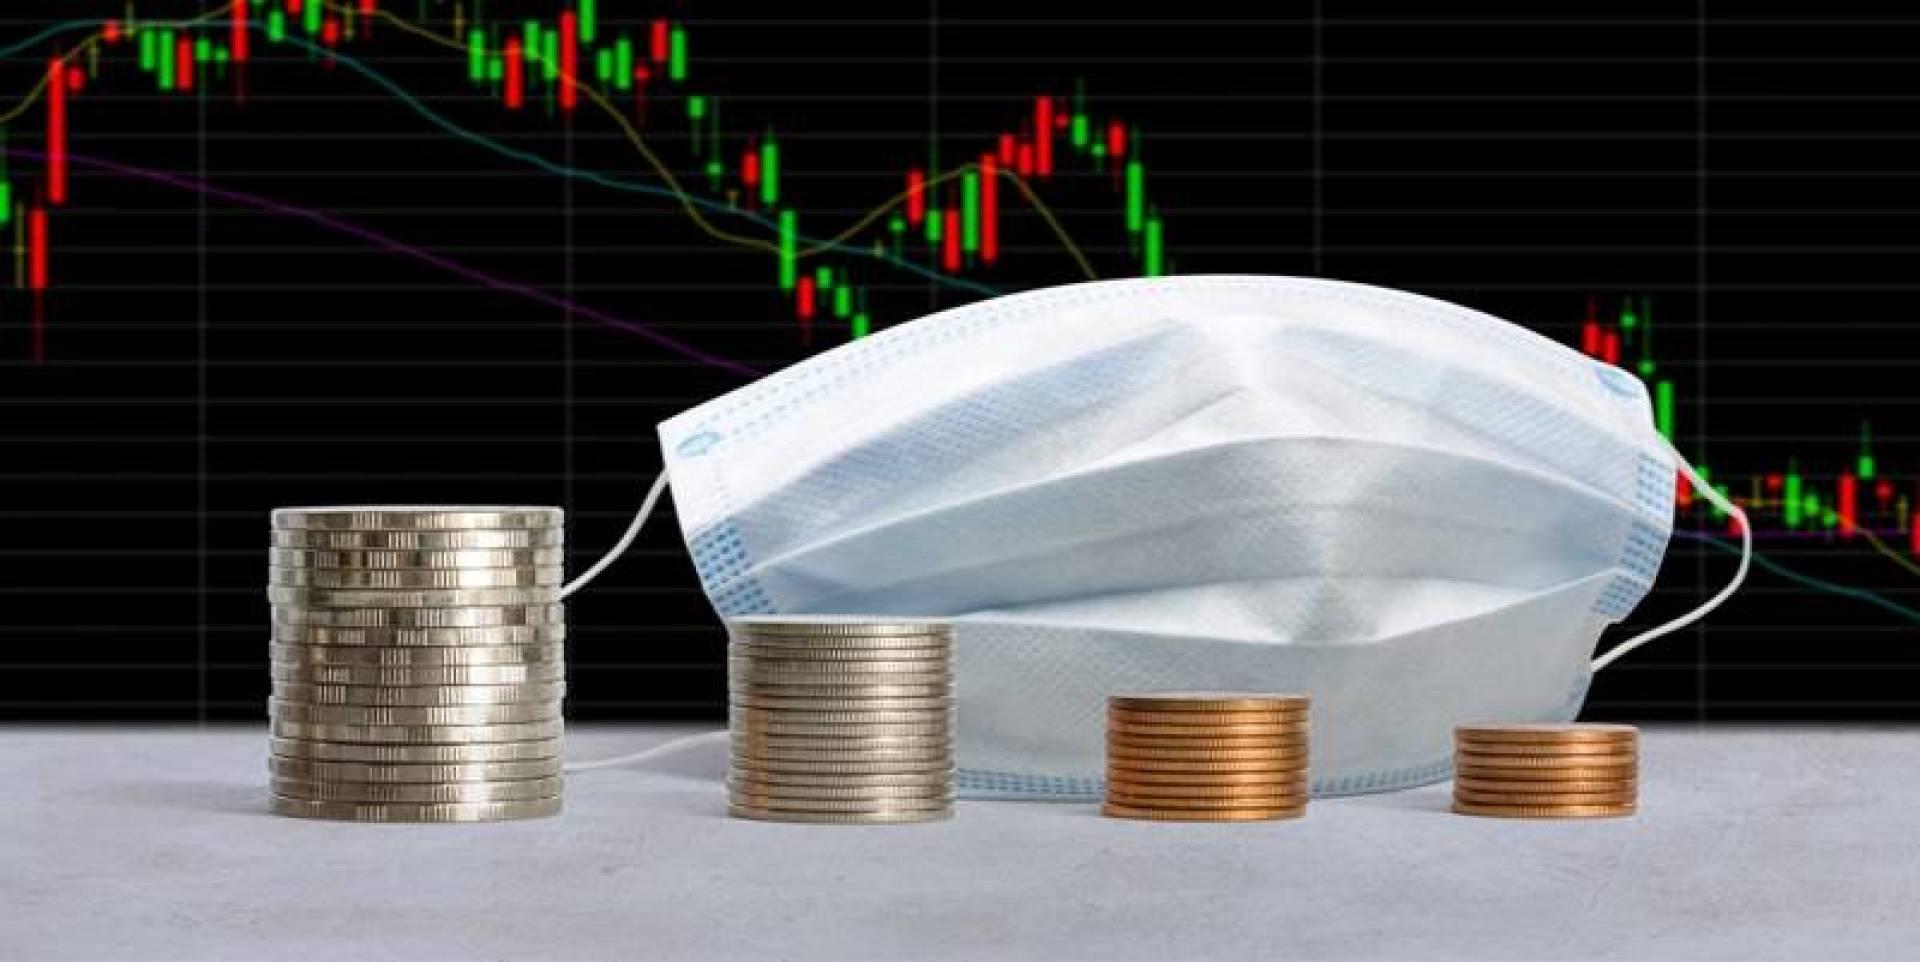 6 سيناريوهات لمستقبل الاقتصاد الغامض